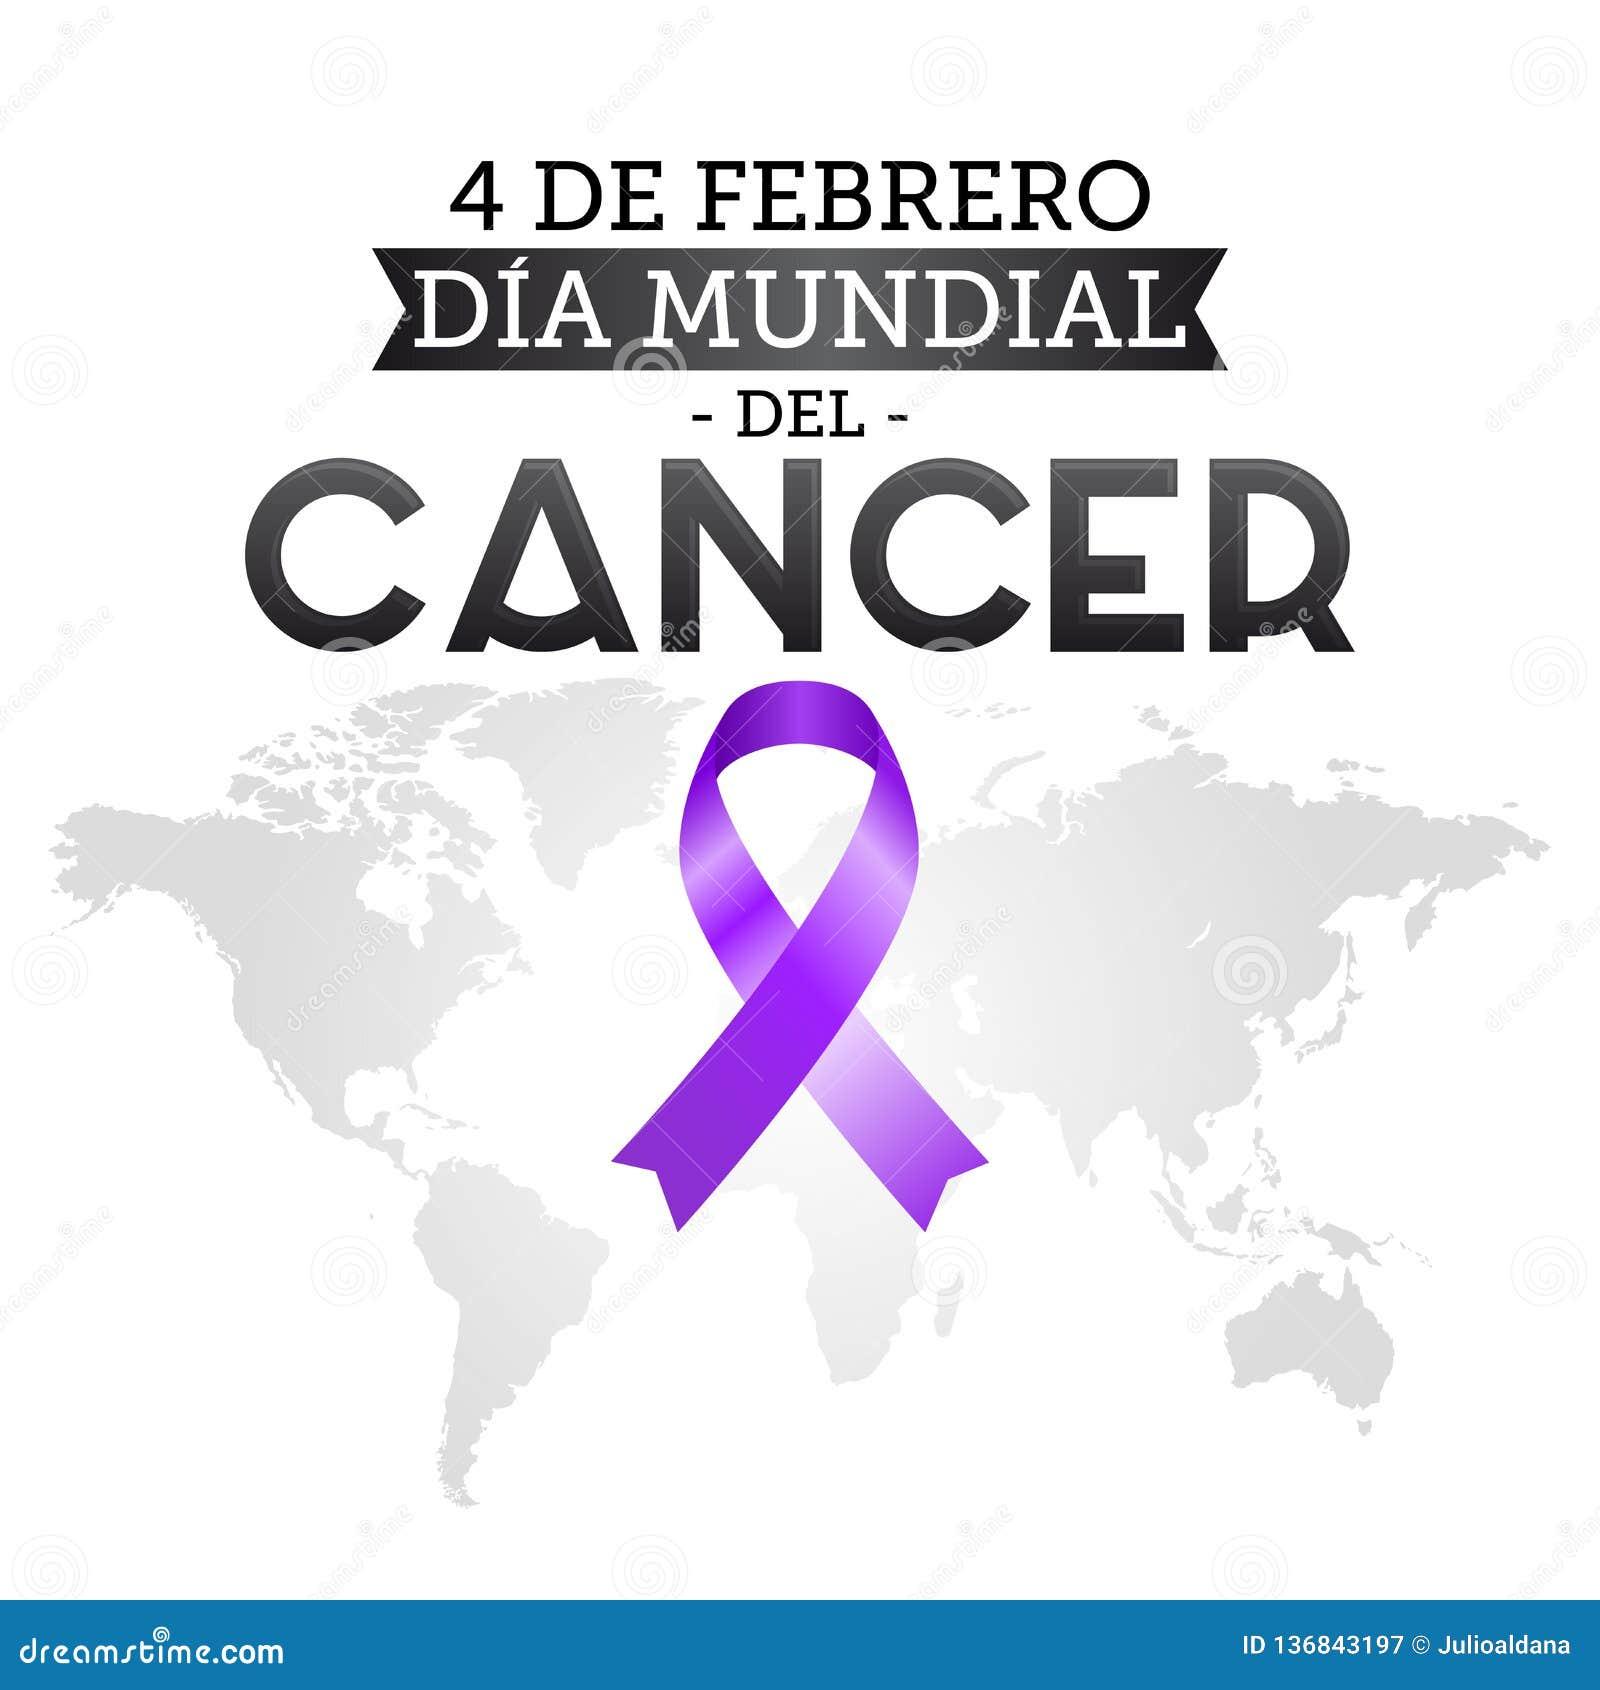 Diameter mundial del Cancer, februari för världscancerdag 4 spansk text Band och världskarta